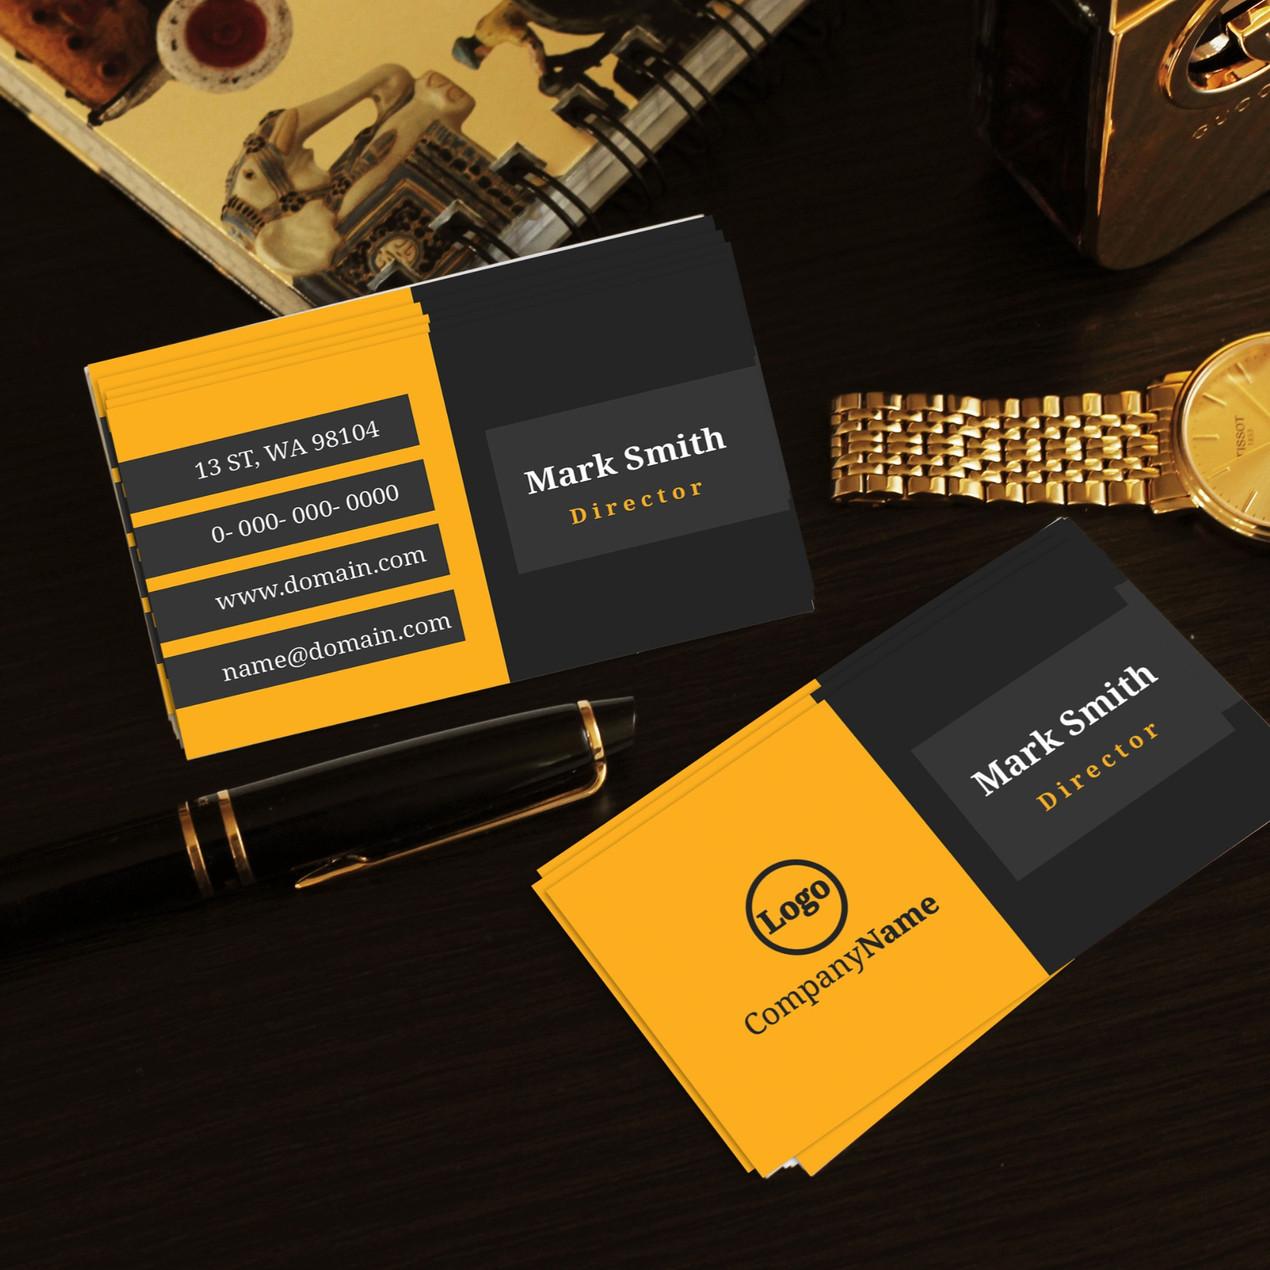 business, business card, business card design, free card, free business card, free business card design, minimalist business card, branding, branding identity, stationery design, cards, card design, business brand, online business card, online business cards